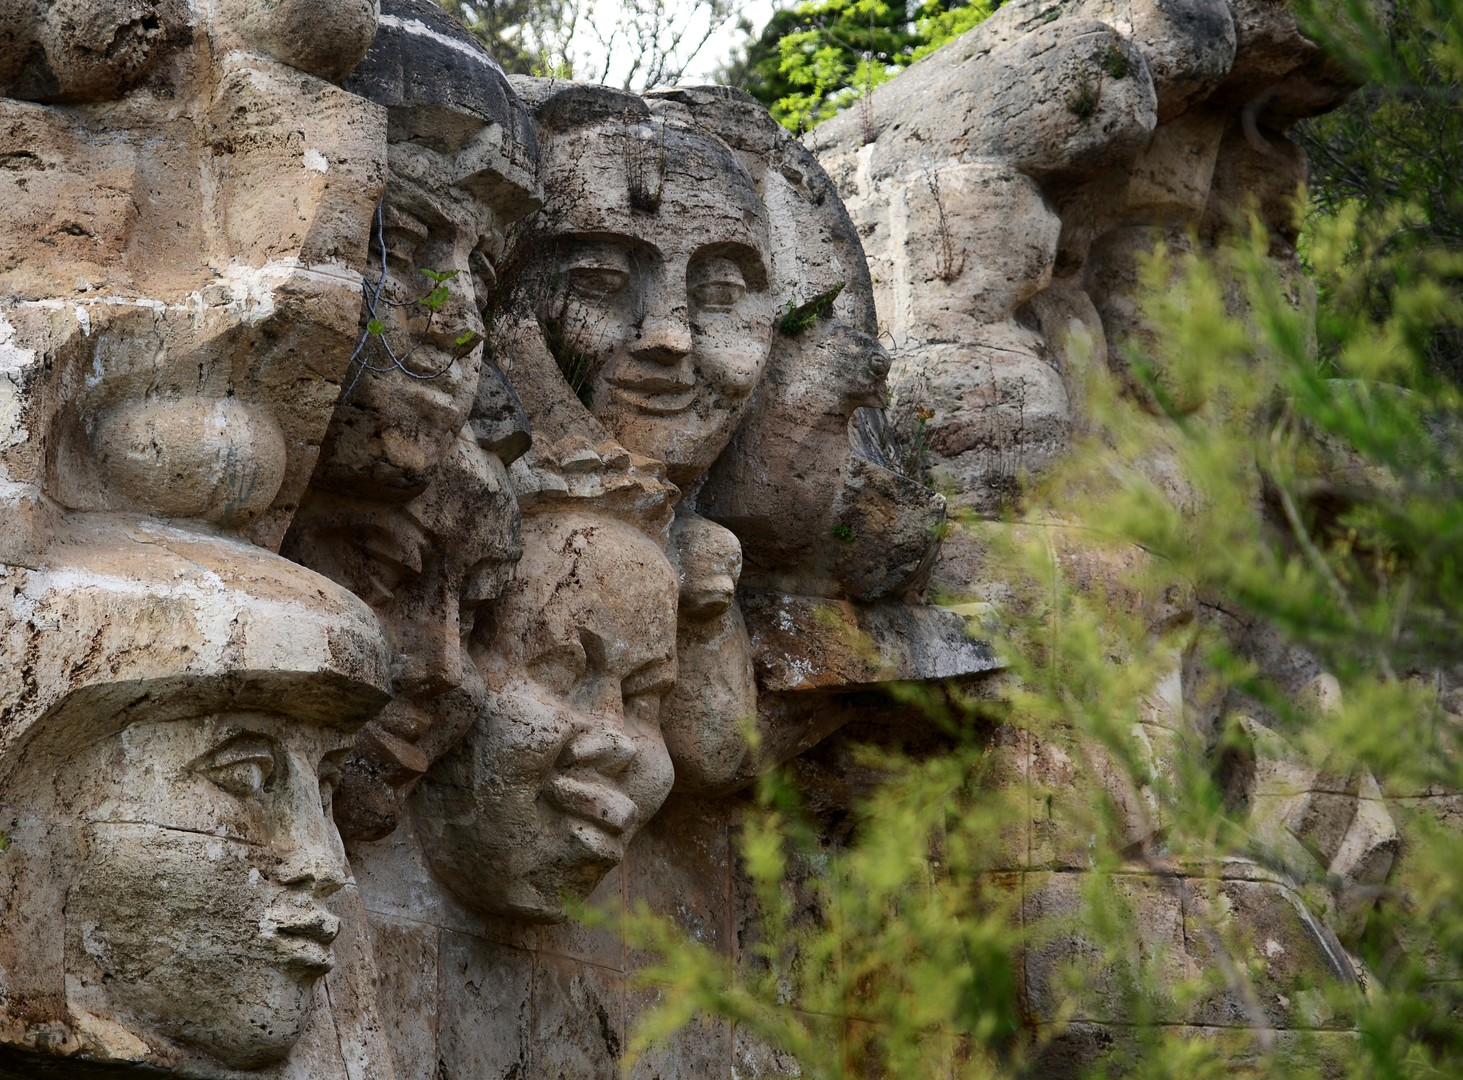 Ernst Neiswestny - Der berühmte russisch-sowjetische Bildhauer stirbt im Alter von 92 Jahren